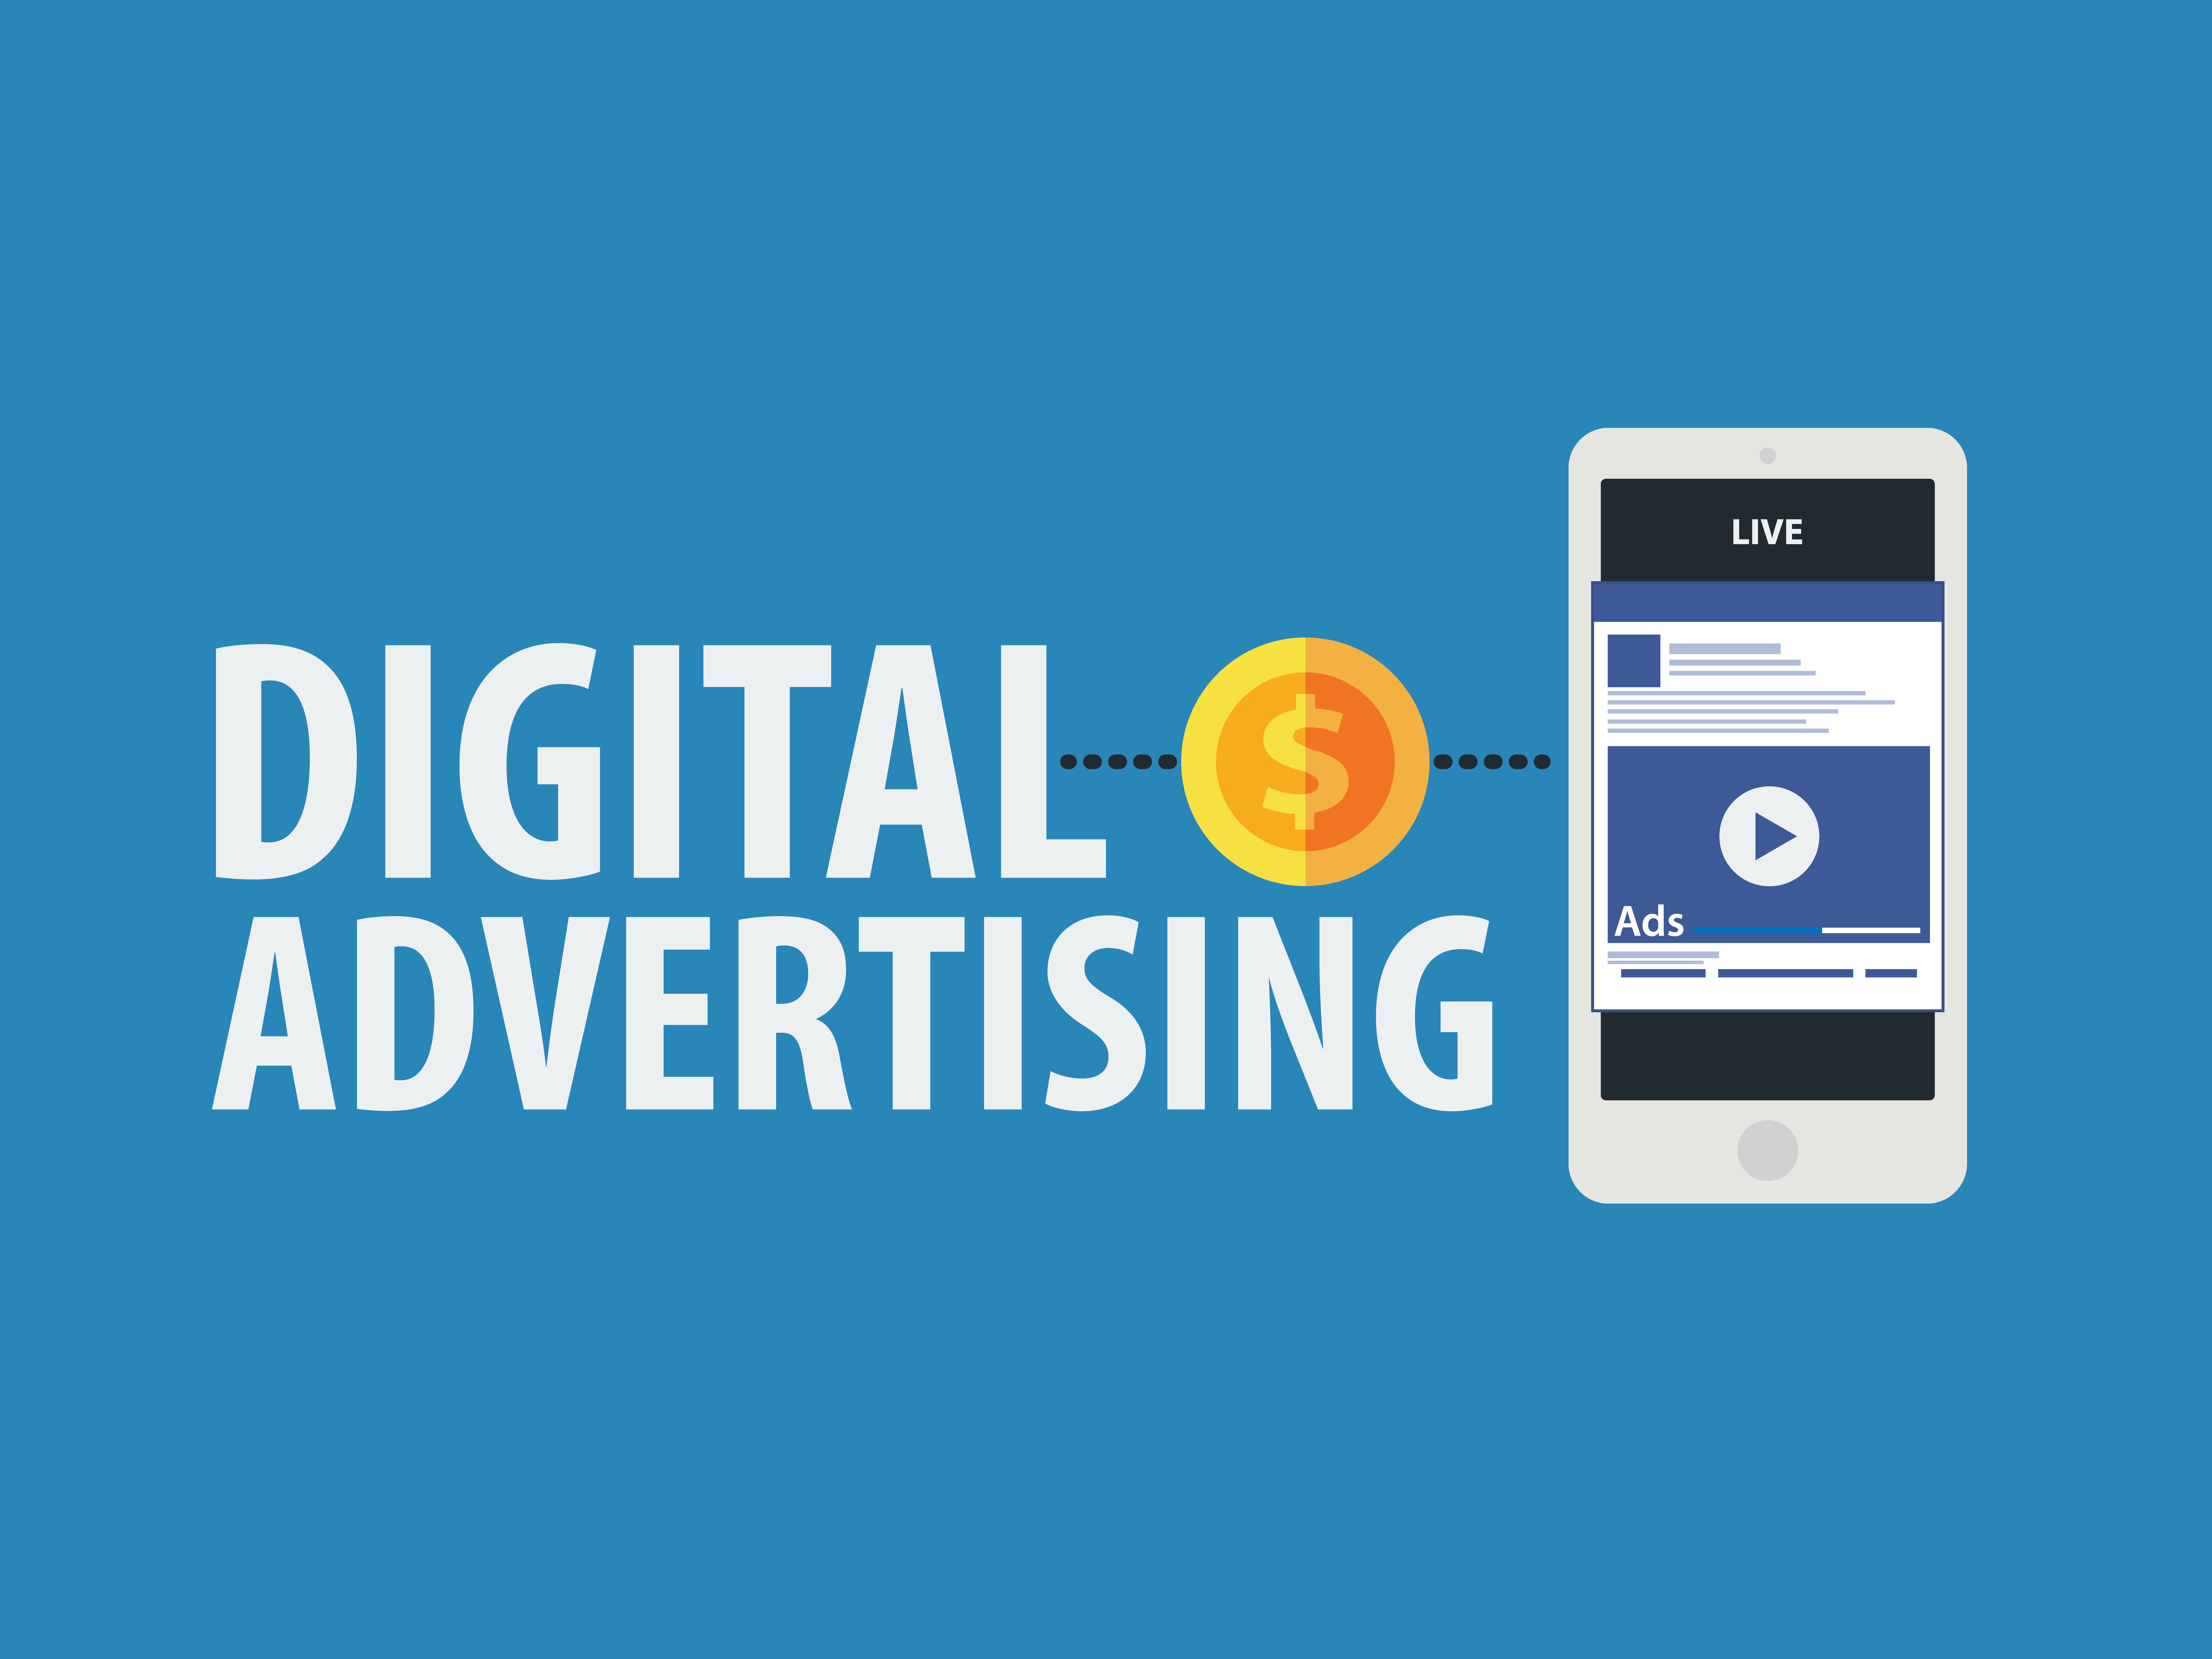 Designing Ads